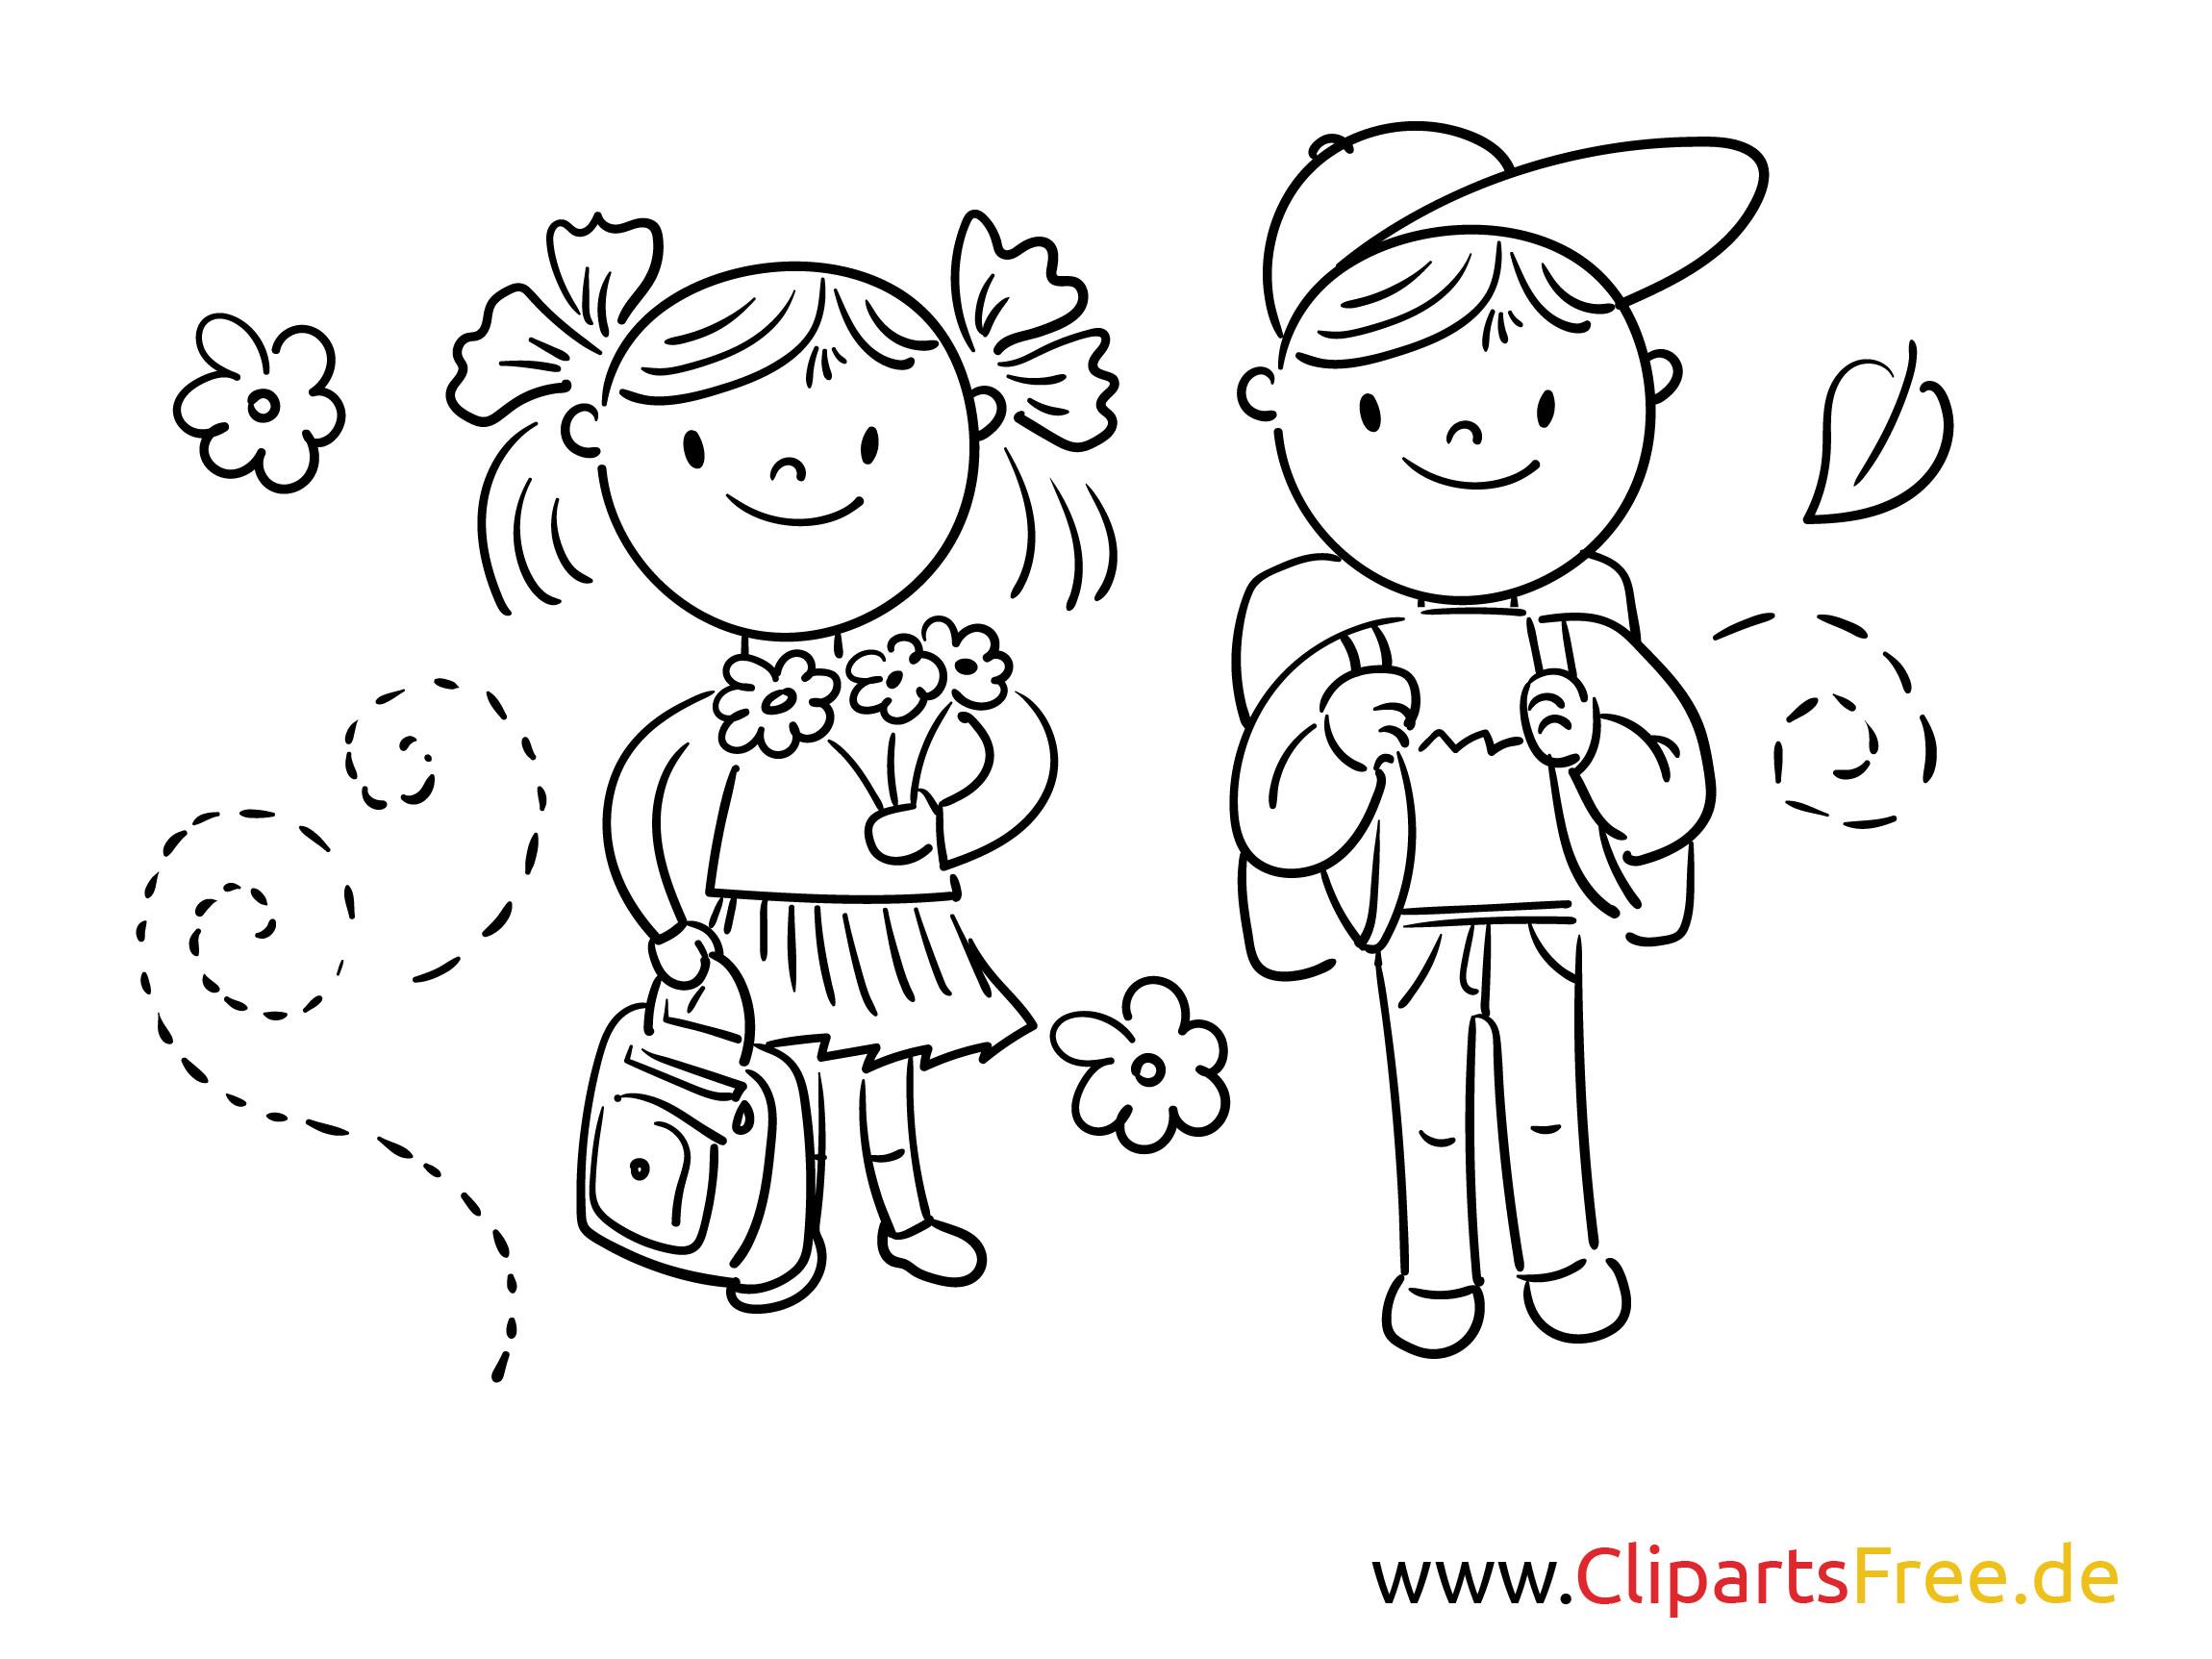 Malvorlagen Für Mädchen  Junge und Mädchen Schulbilder Malvorlagen